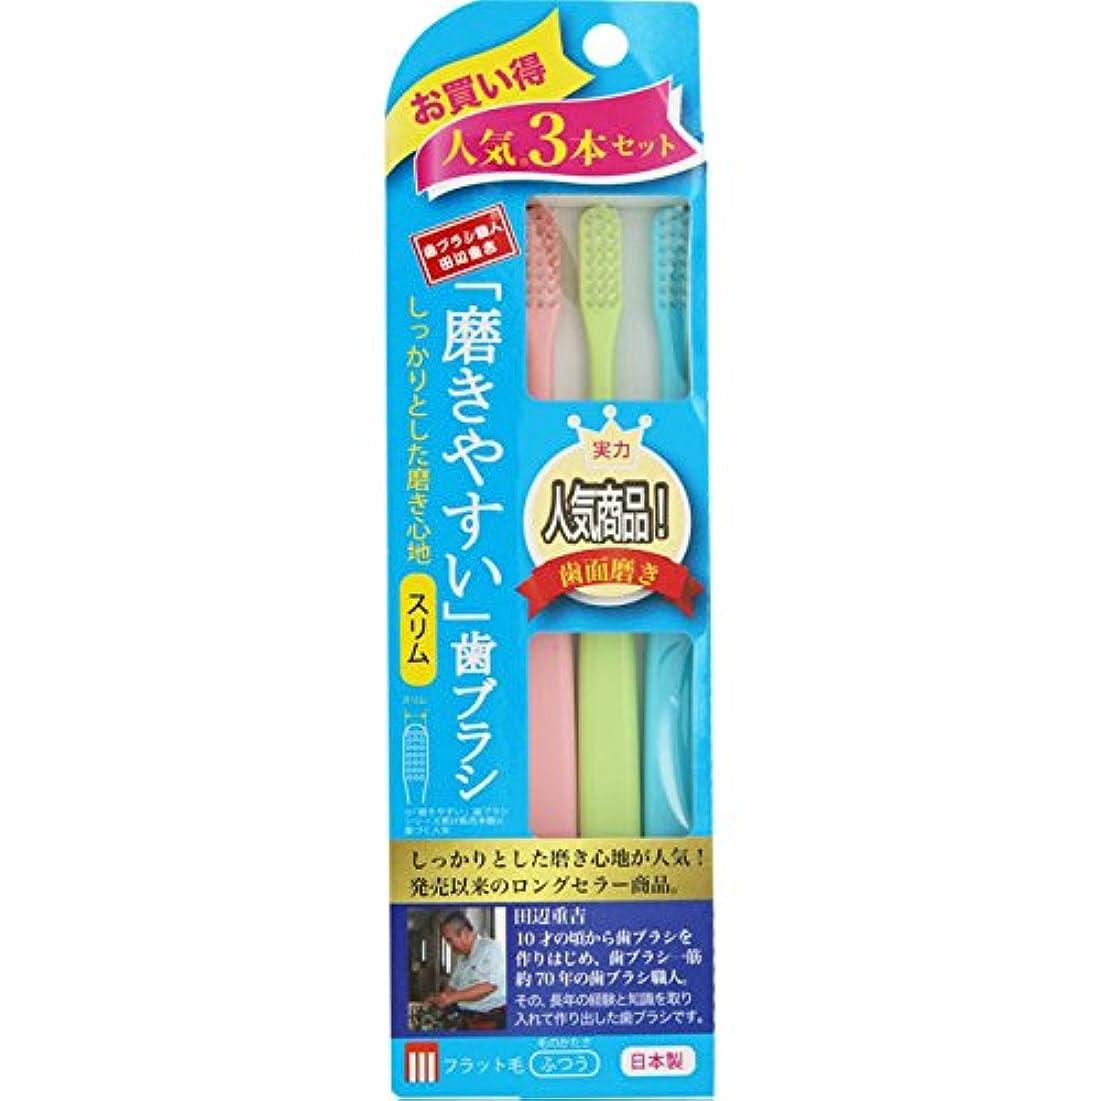 害虫バクテリアシャトル磨きやすい歯ブラシ フラット毛 スリム 3本組